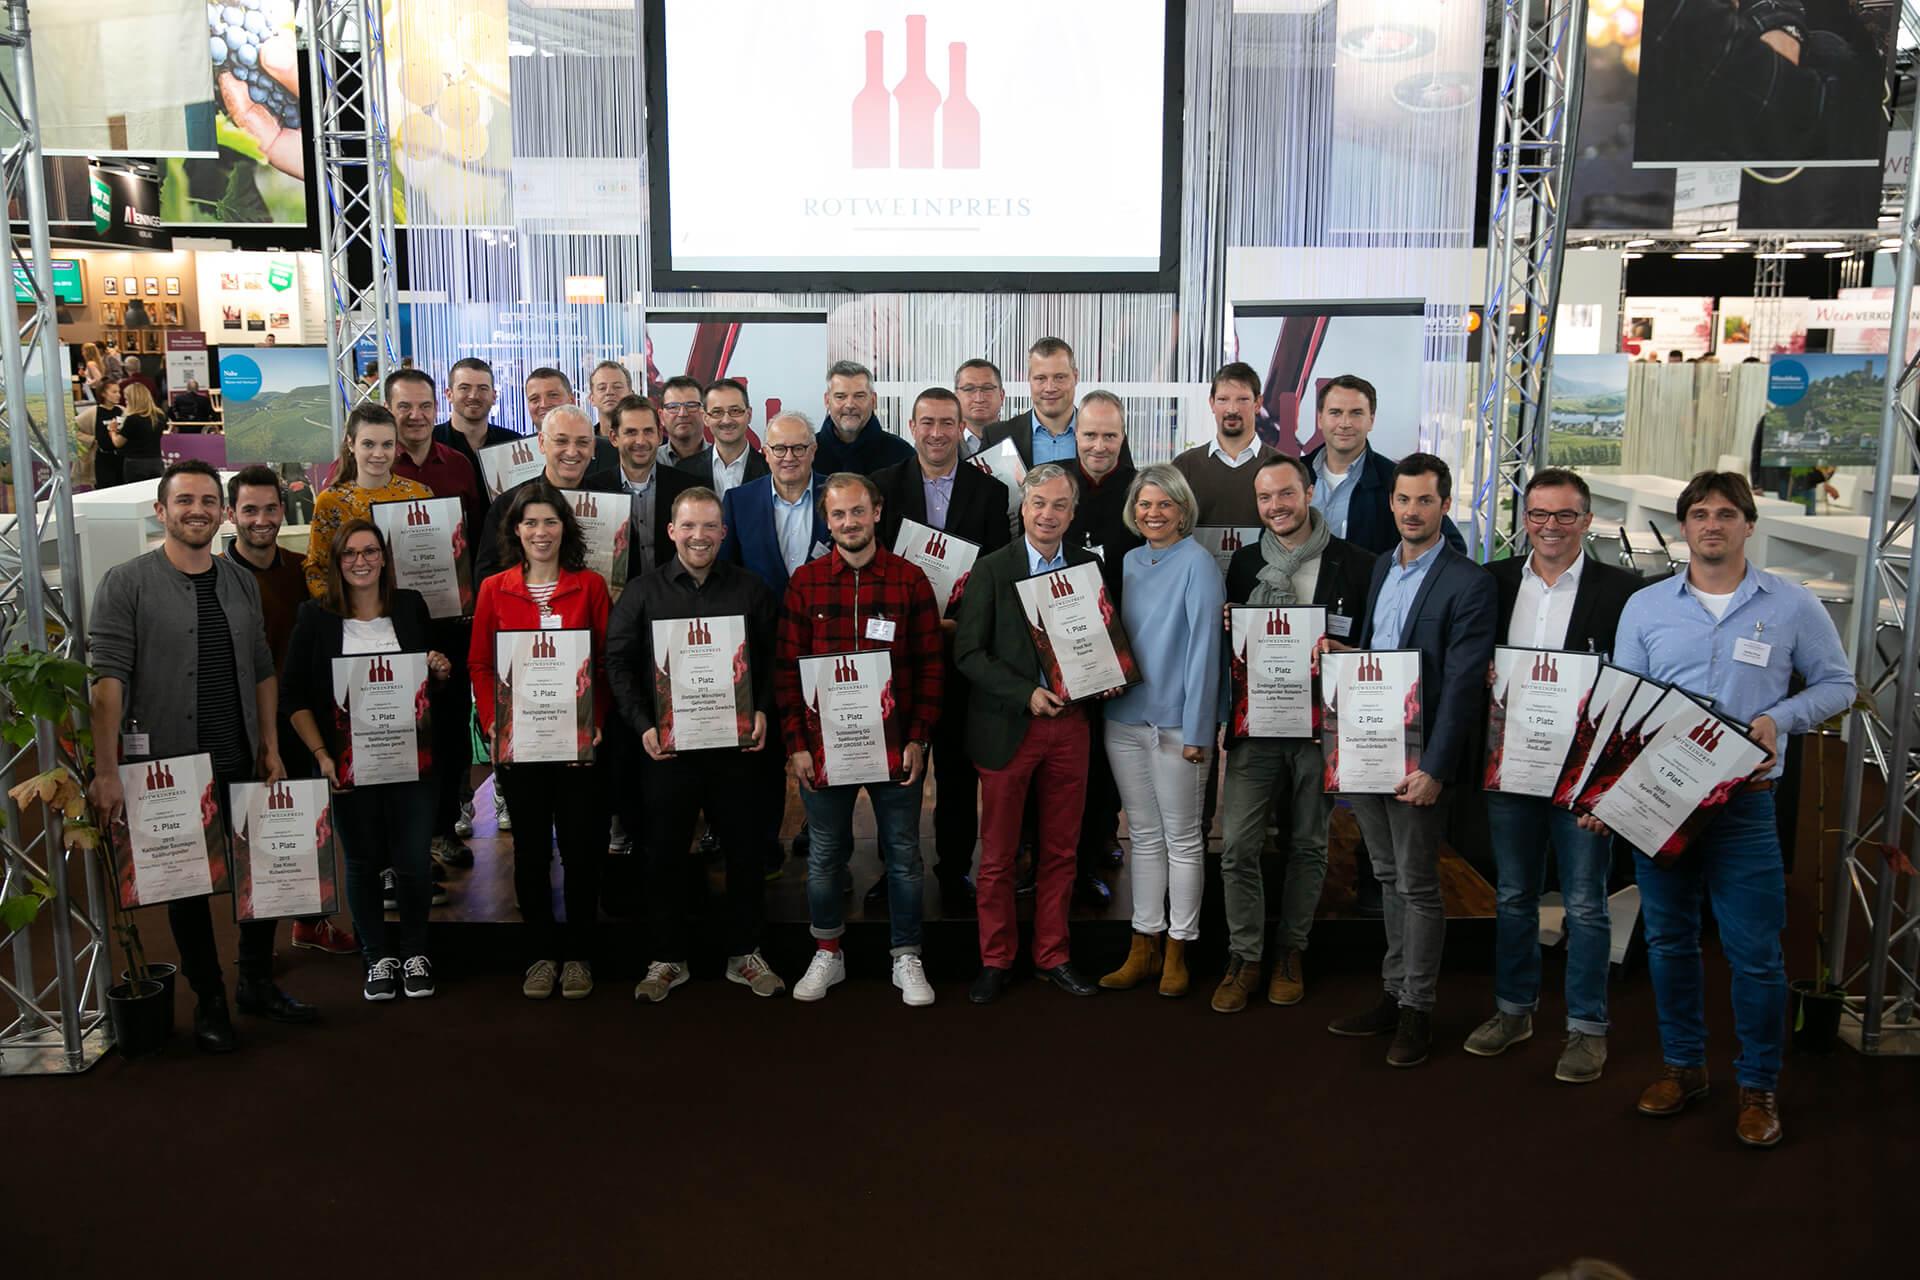 Gruppenfoto Sieger Rotweinpreis 2018